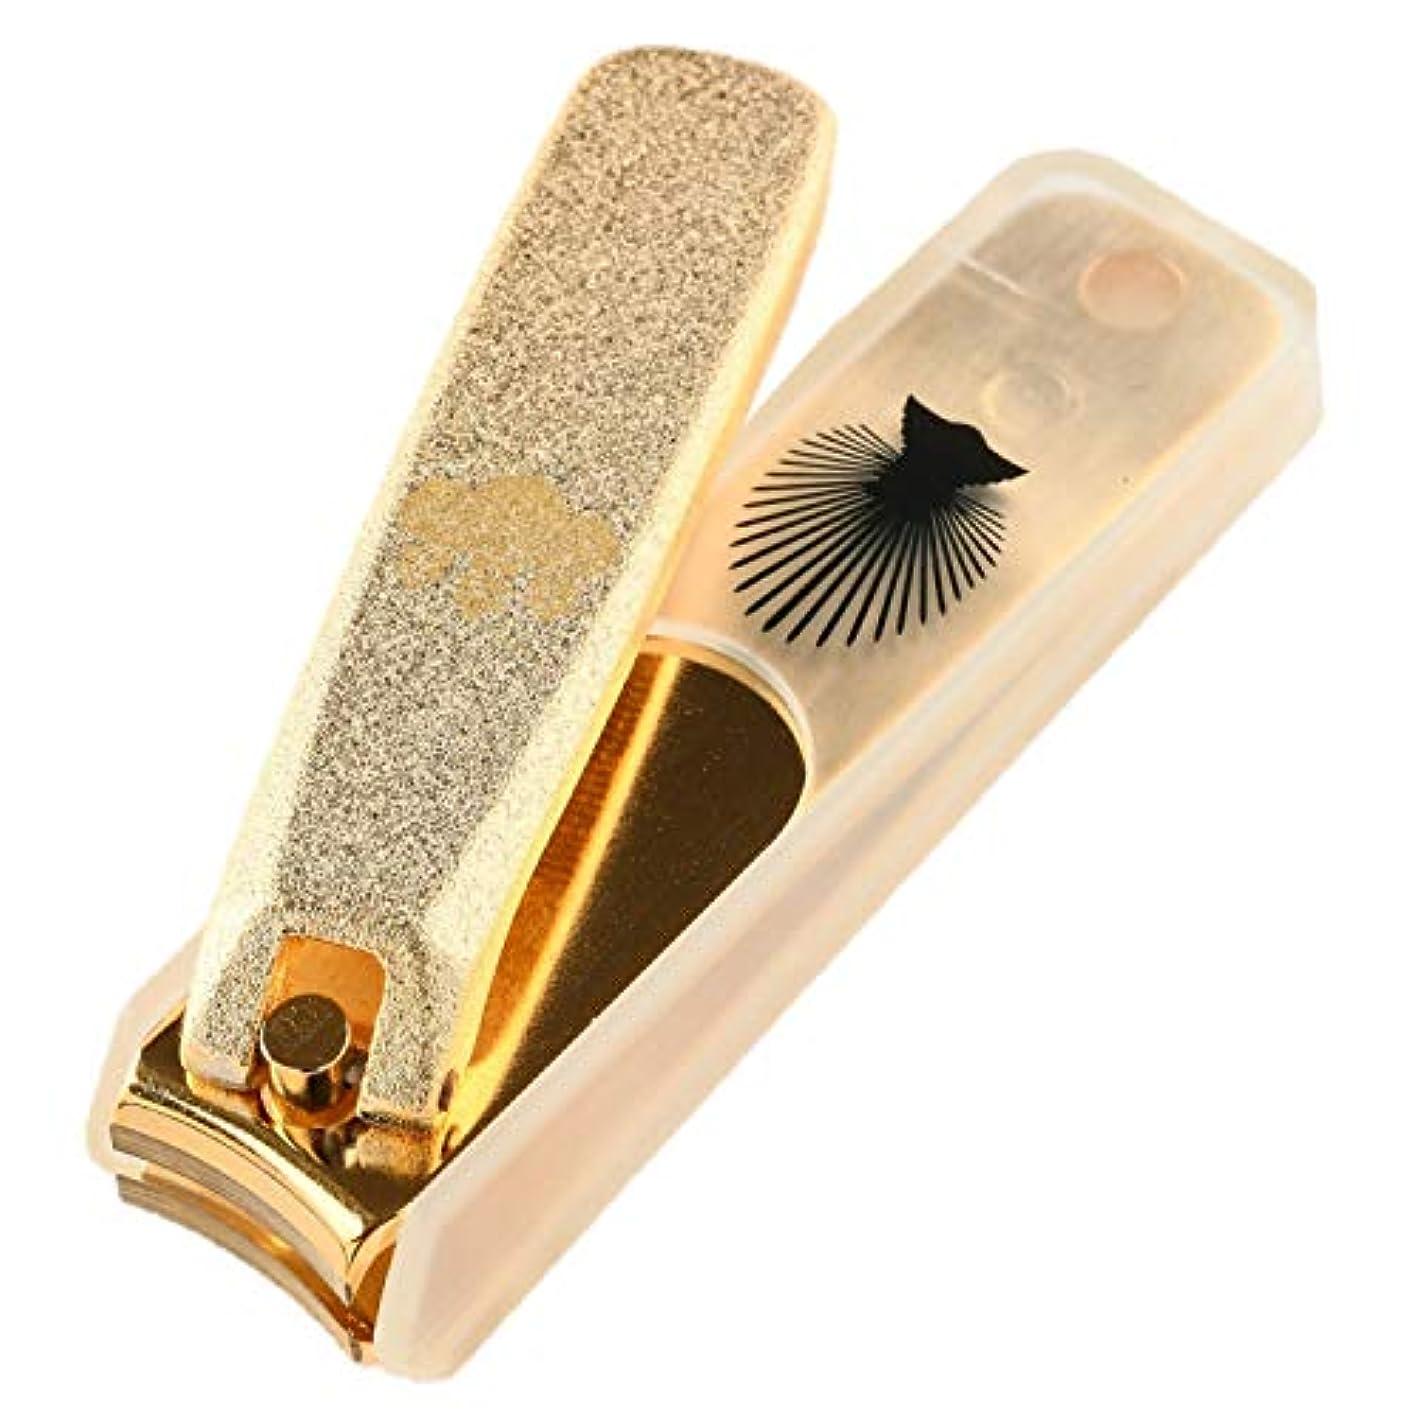 石化する約束する真似るNIKKEN ニッケン刃物 関伝の美 武将爪切り 豊臣秀吉モデル ゴールド NL-18H